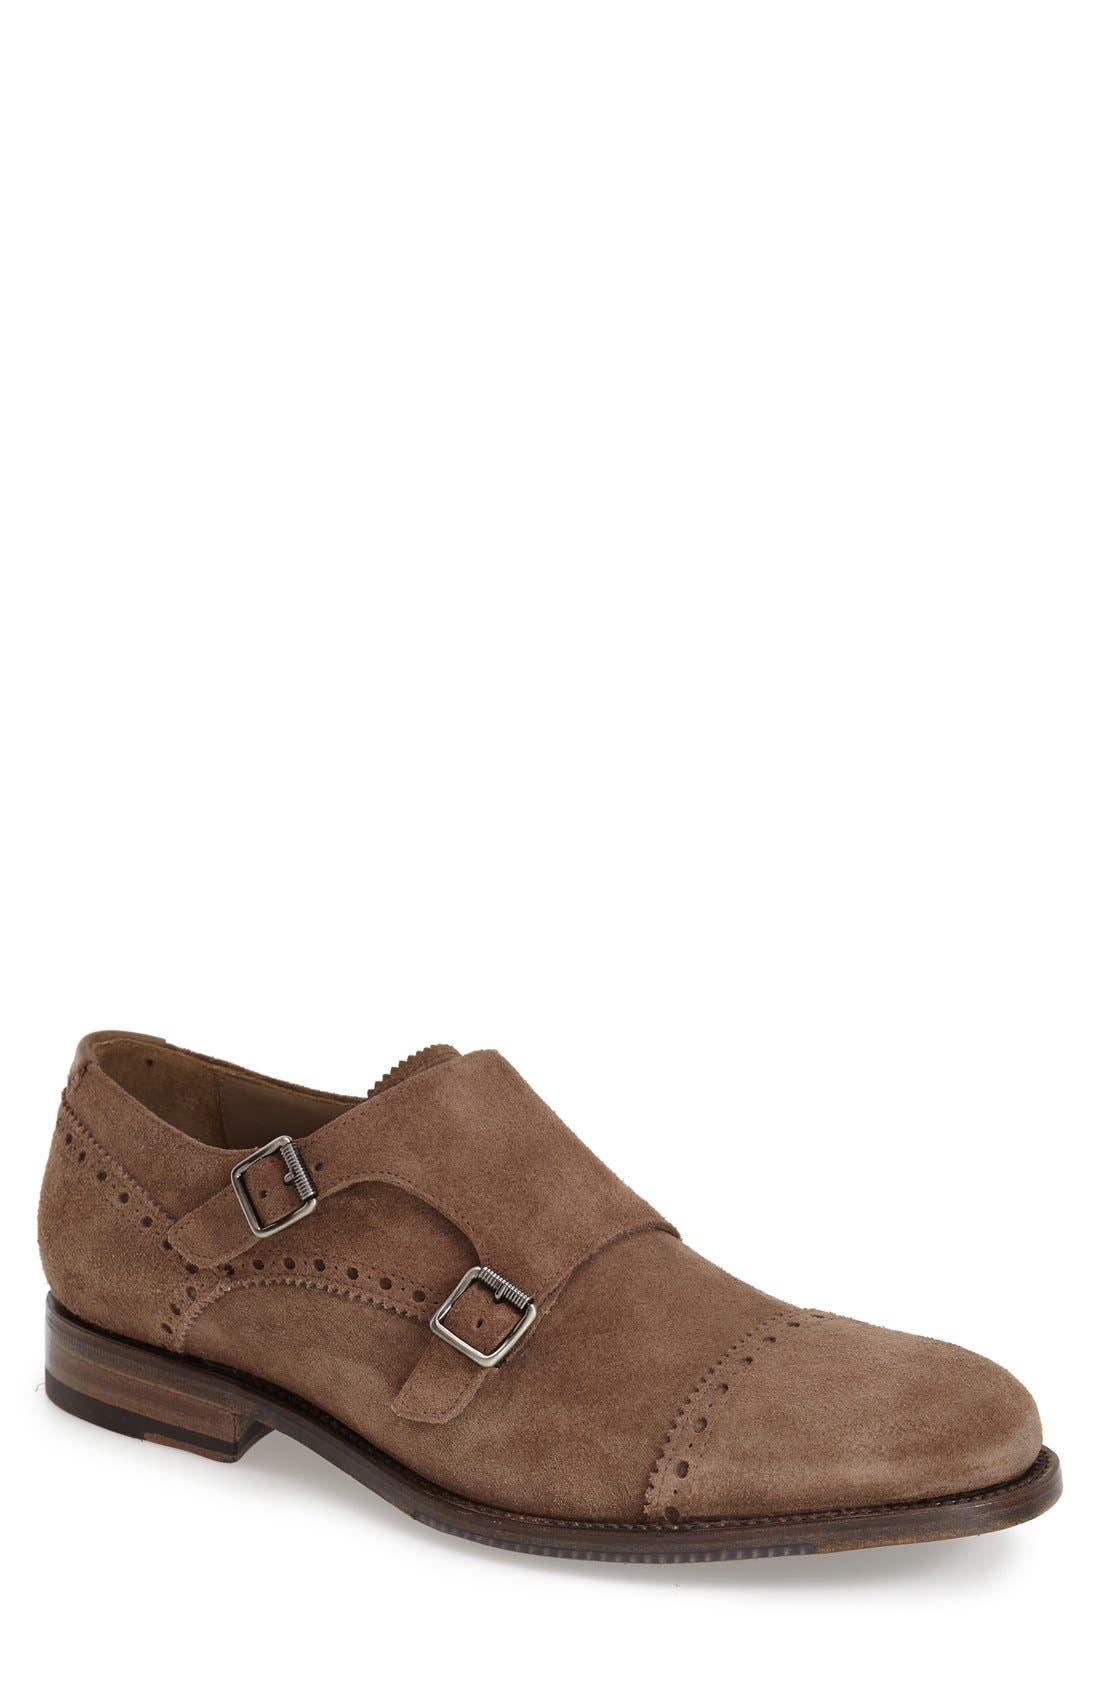 'Fallon' Weatherproof Monk Strap Shoe,                             Main thumbnail 2, color,